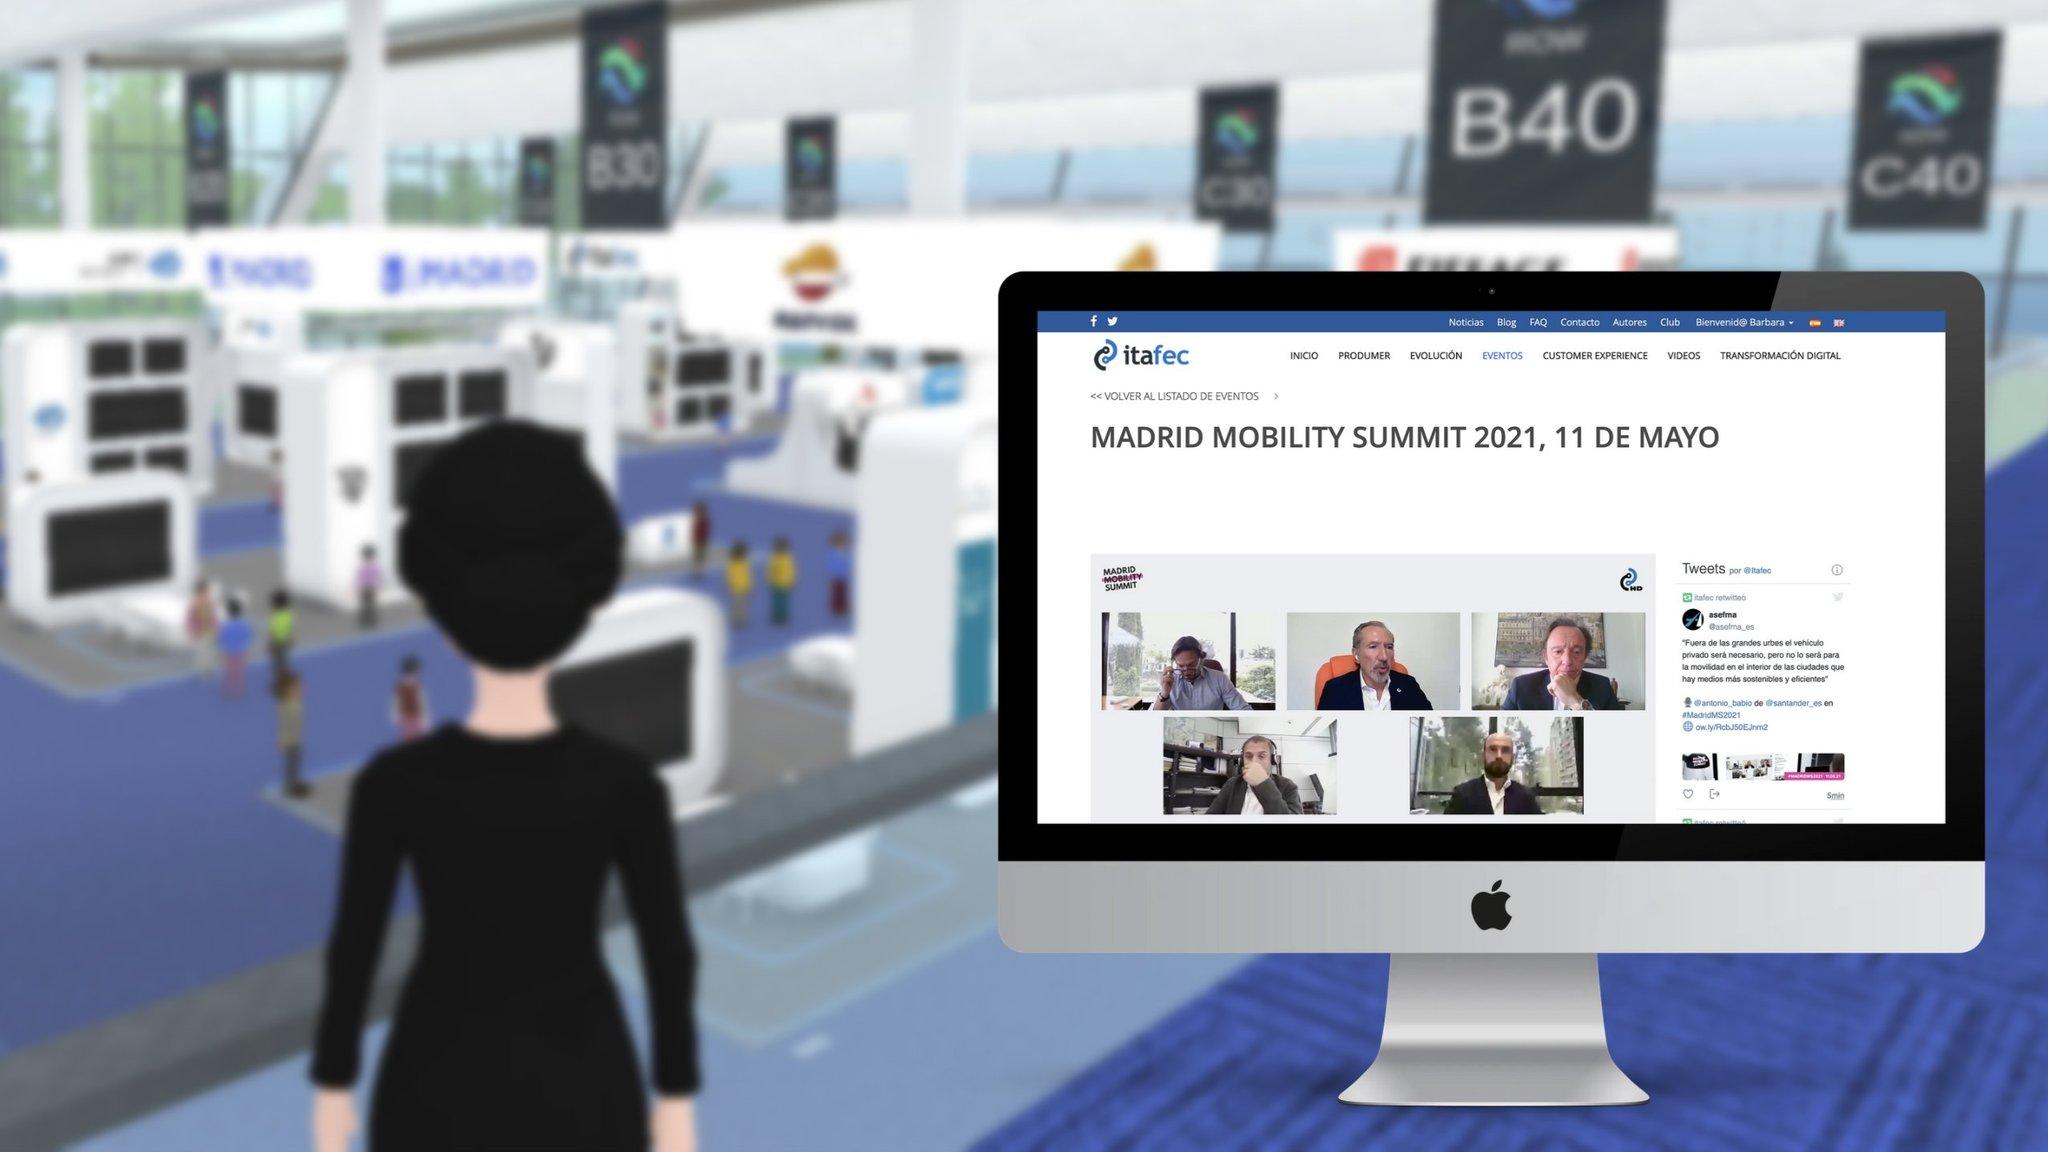 La primera jornada de Madrid Mobility Summit alcanza una audiencia online superior a las 800 mil personas